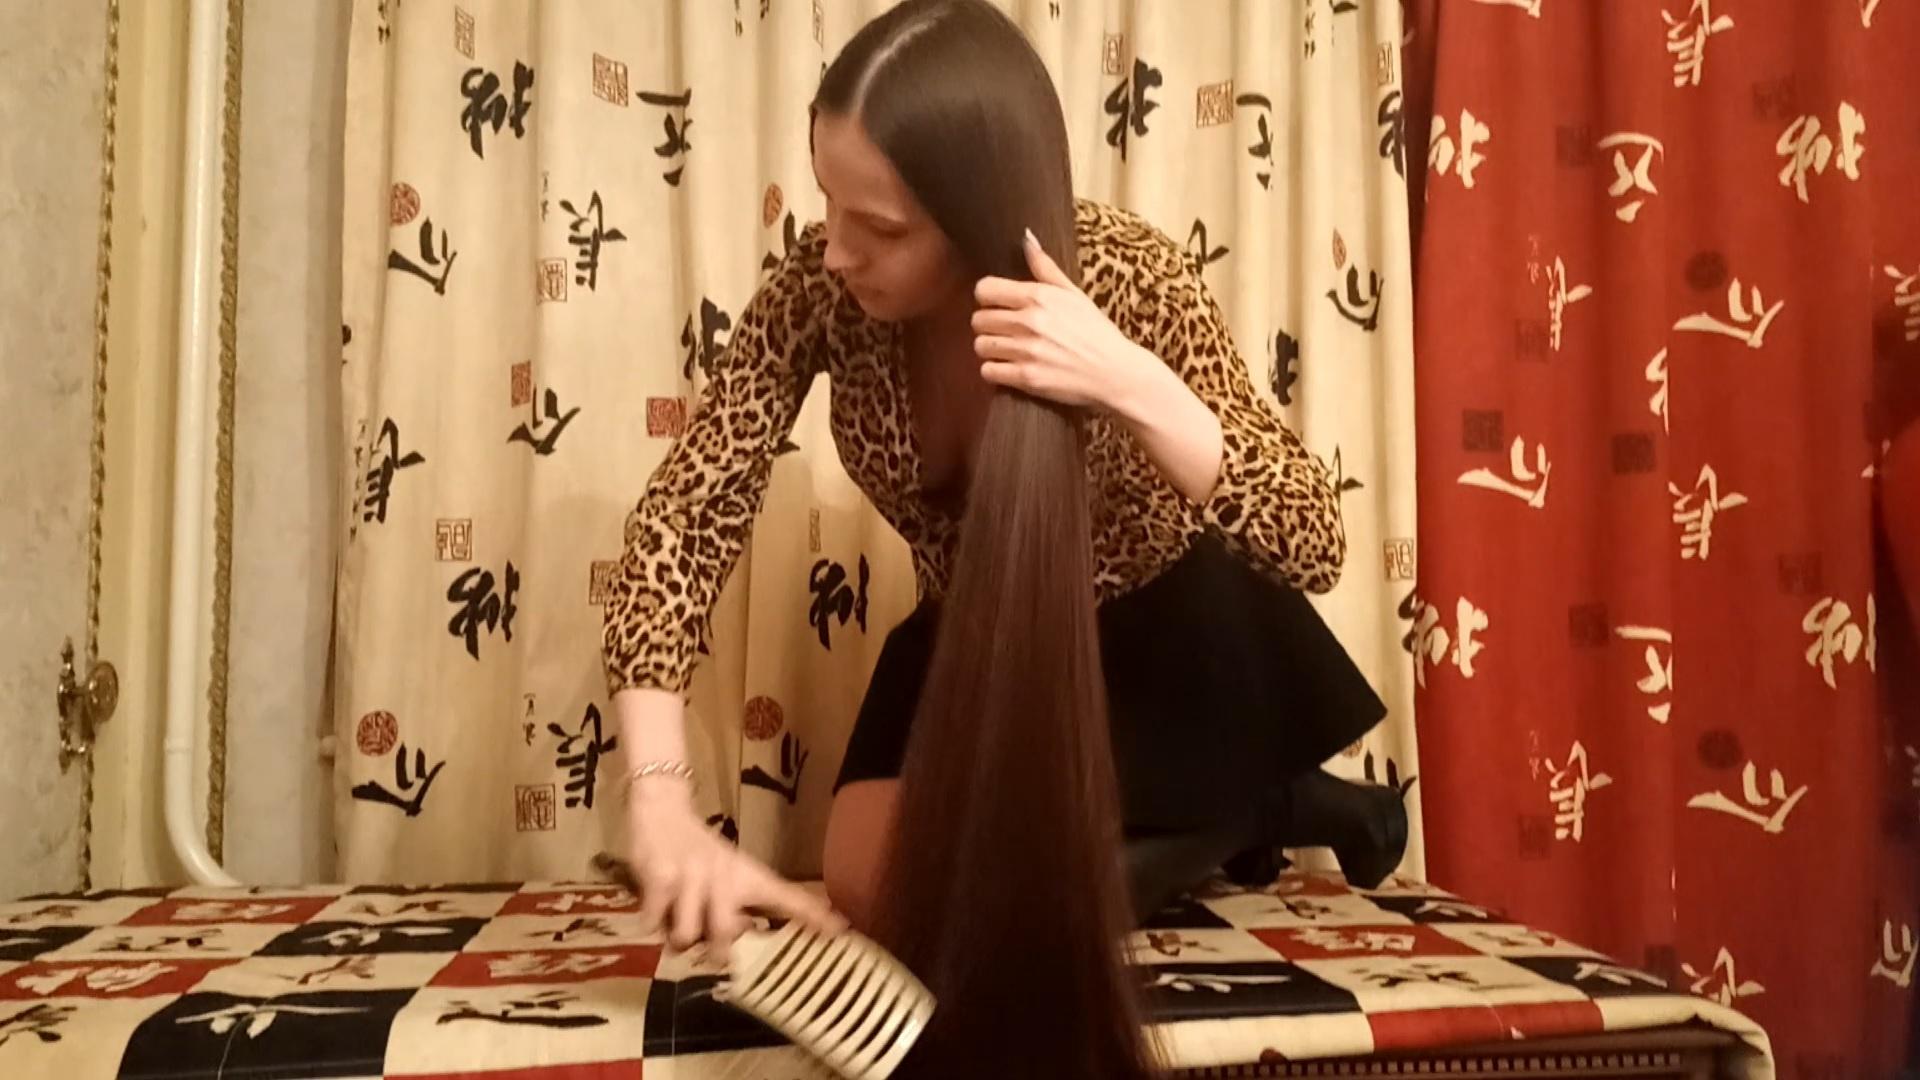 Hair Brushing, Playing & Braiding on Table Part. 2